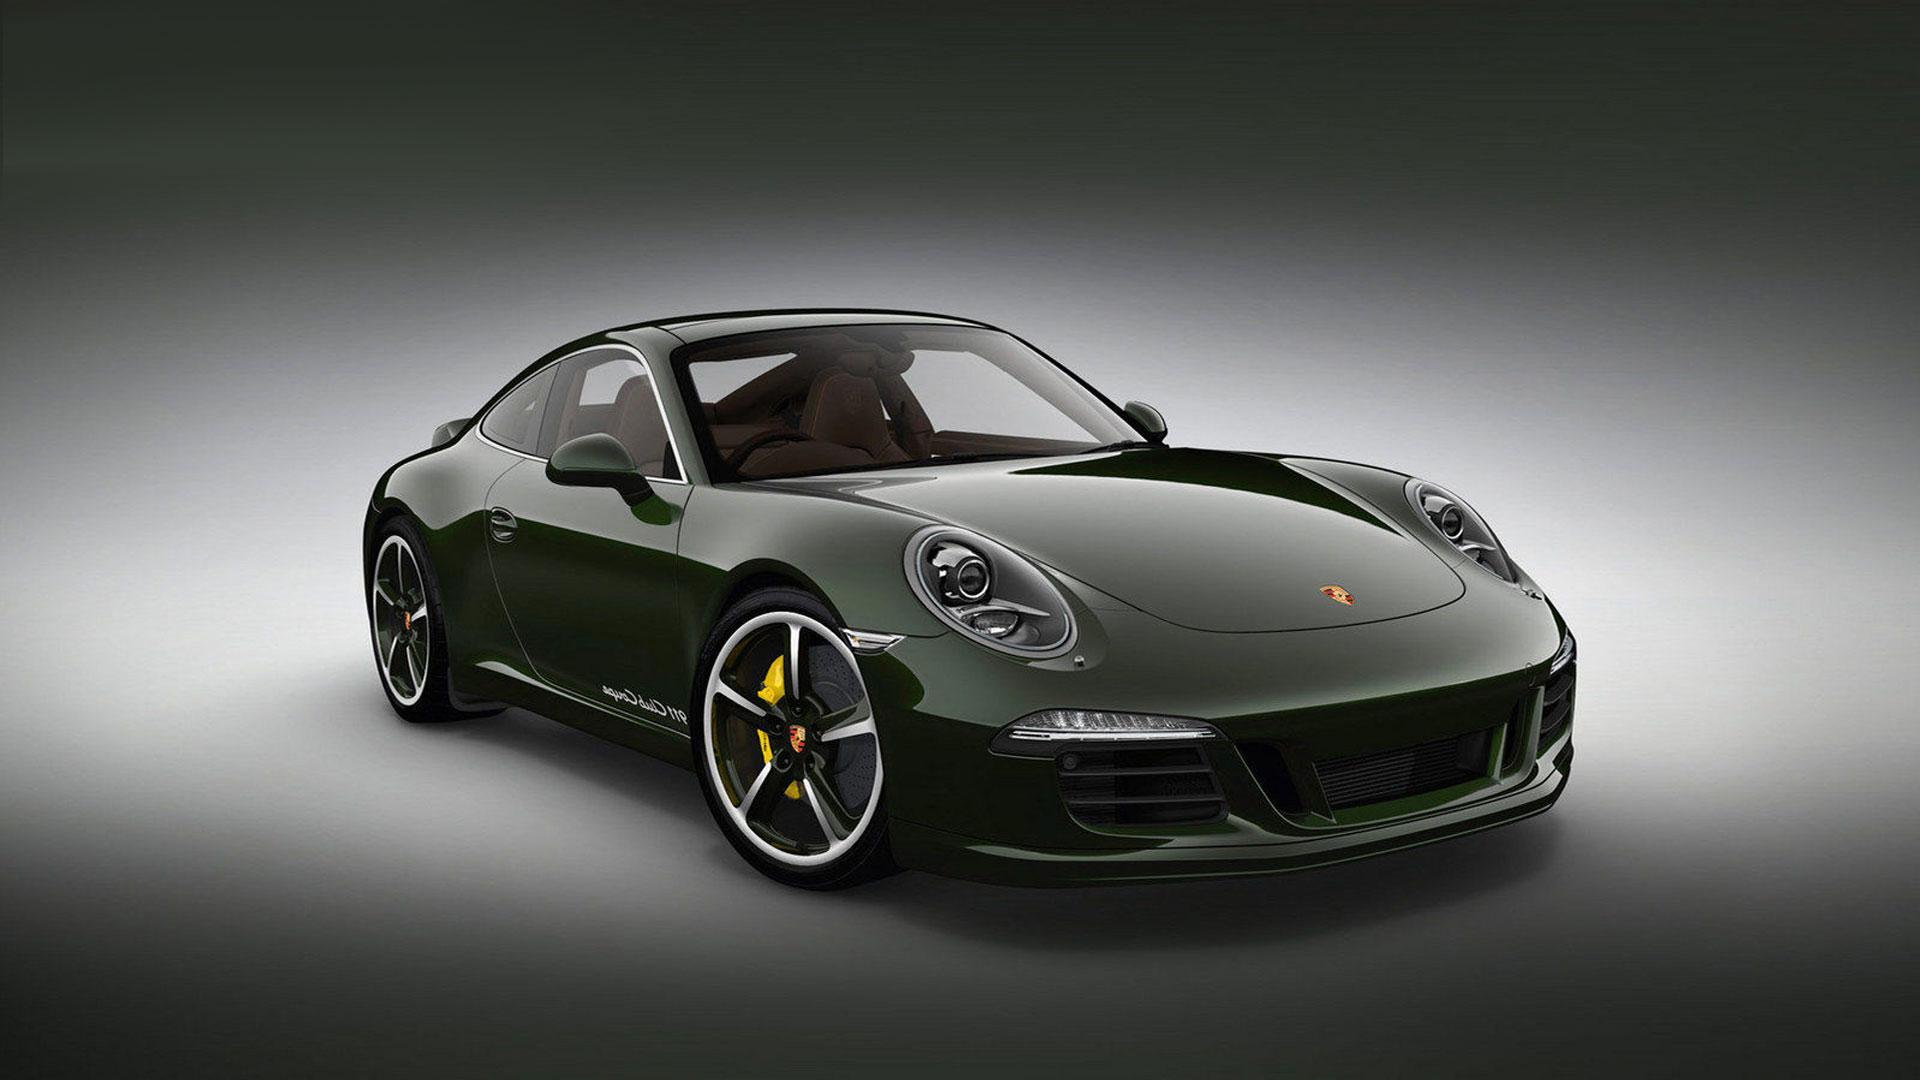 Porsche 911 desktop image 911 wallpapers 1920x1080